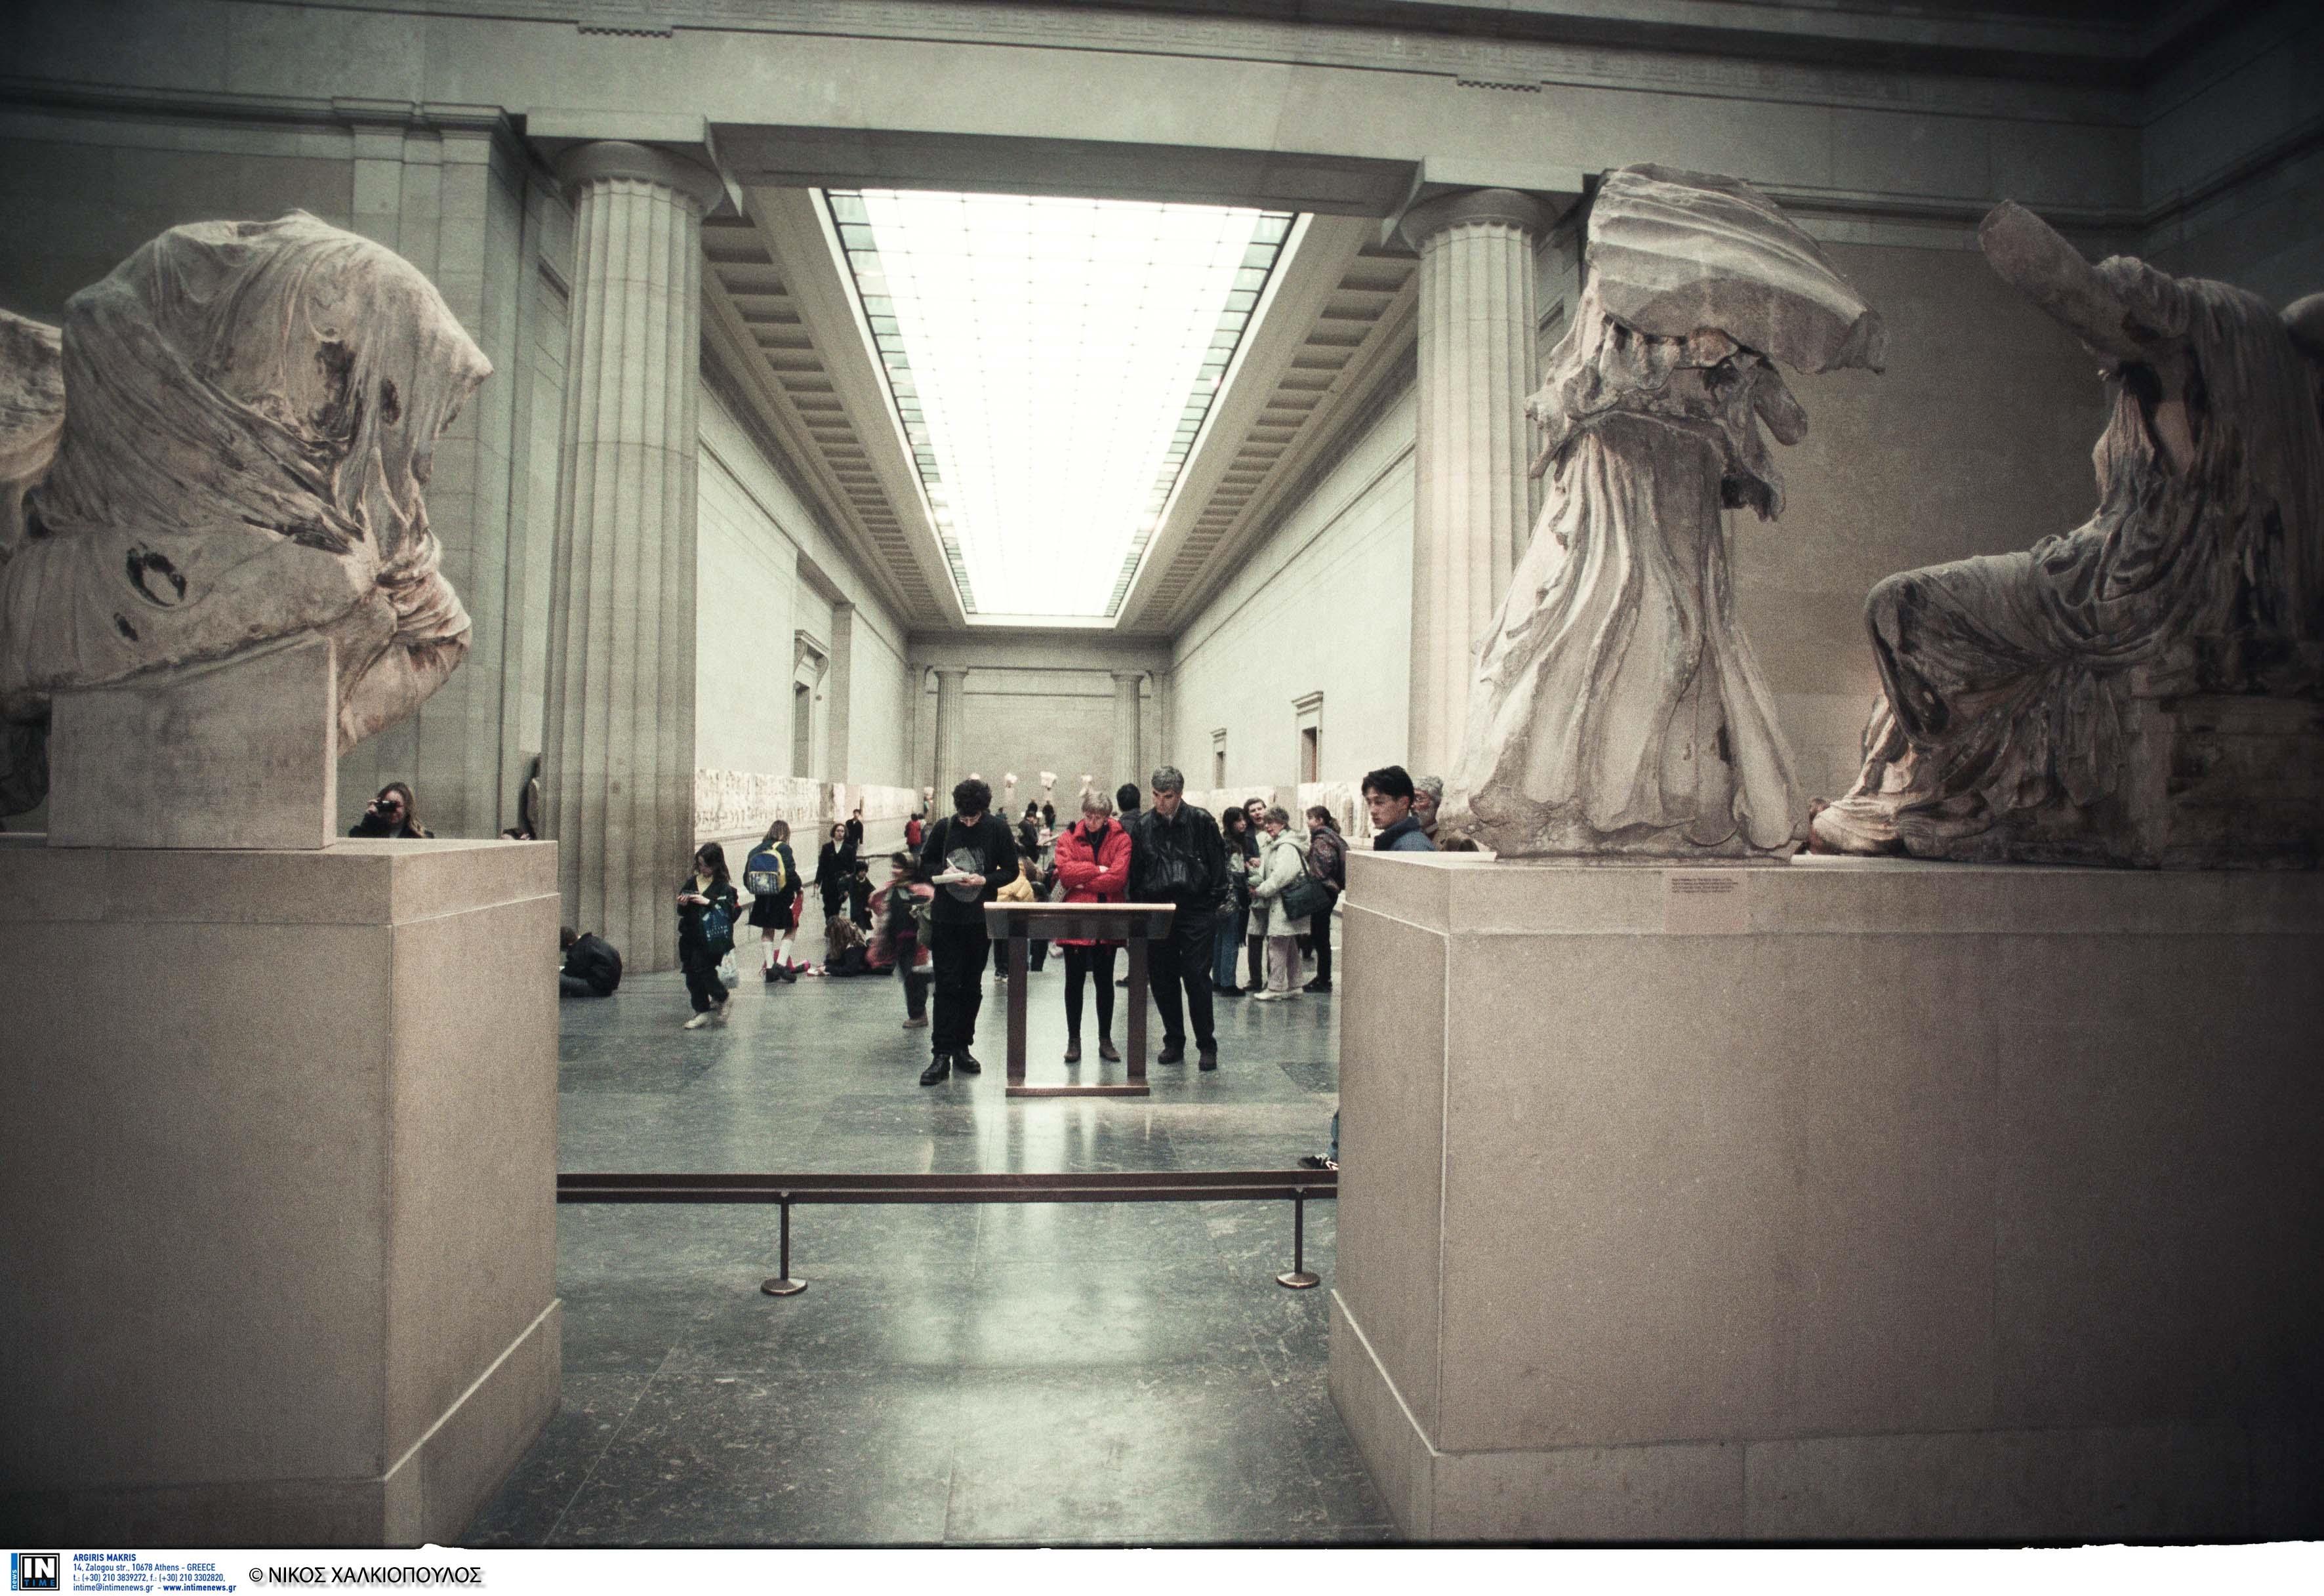 Μπείτε στα πιο διάσημα μουσεία του κόσμου με ένα κλικ από το σπίτι σας!